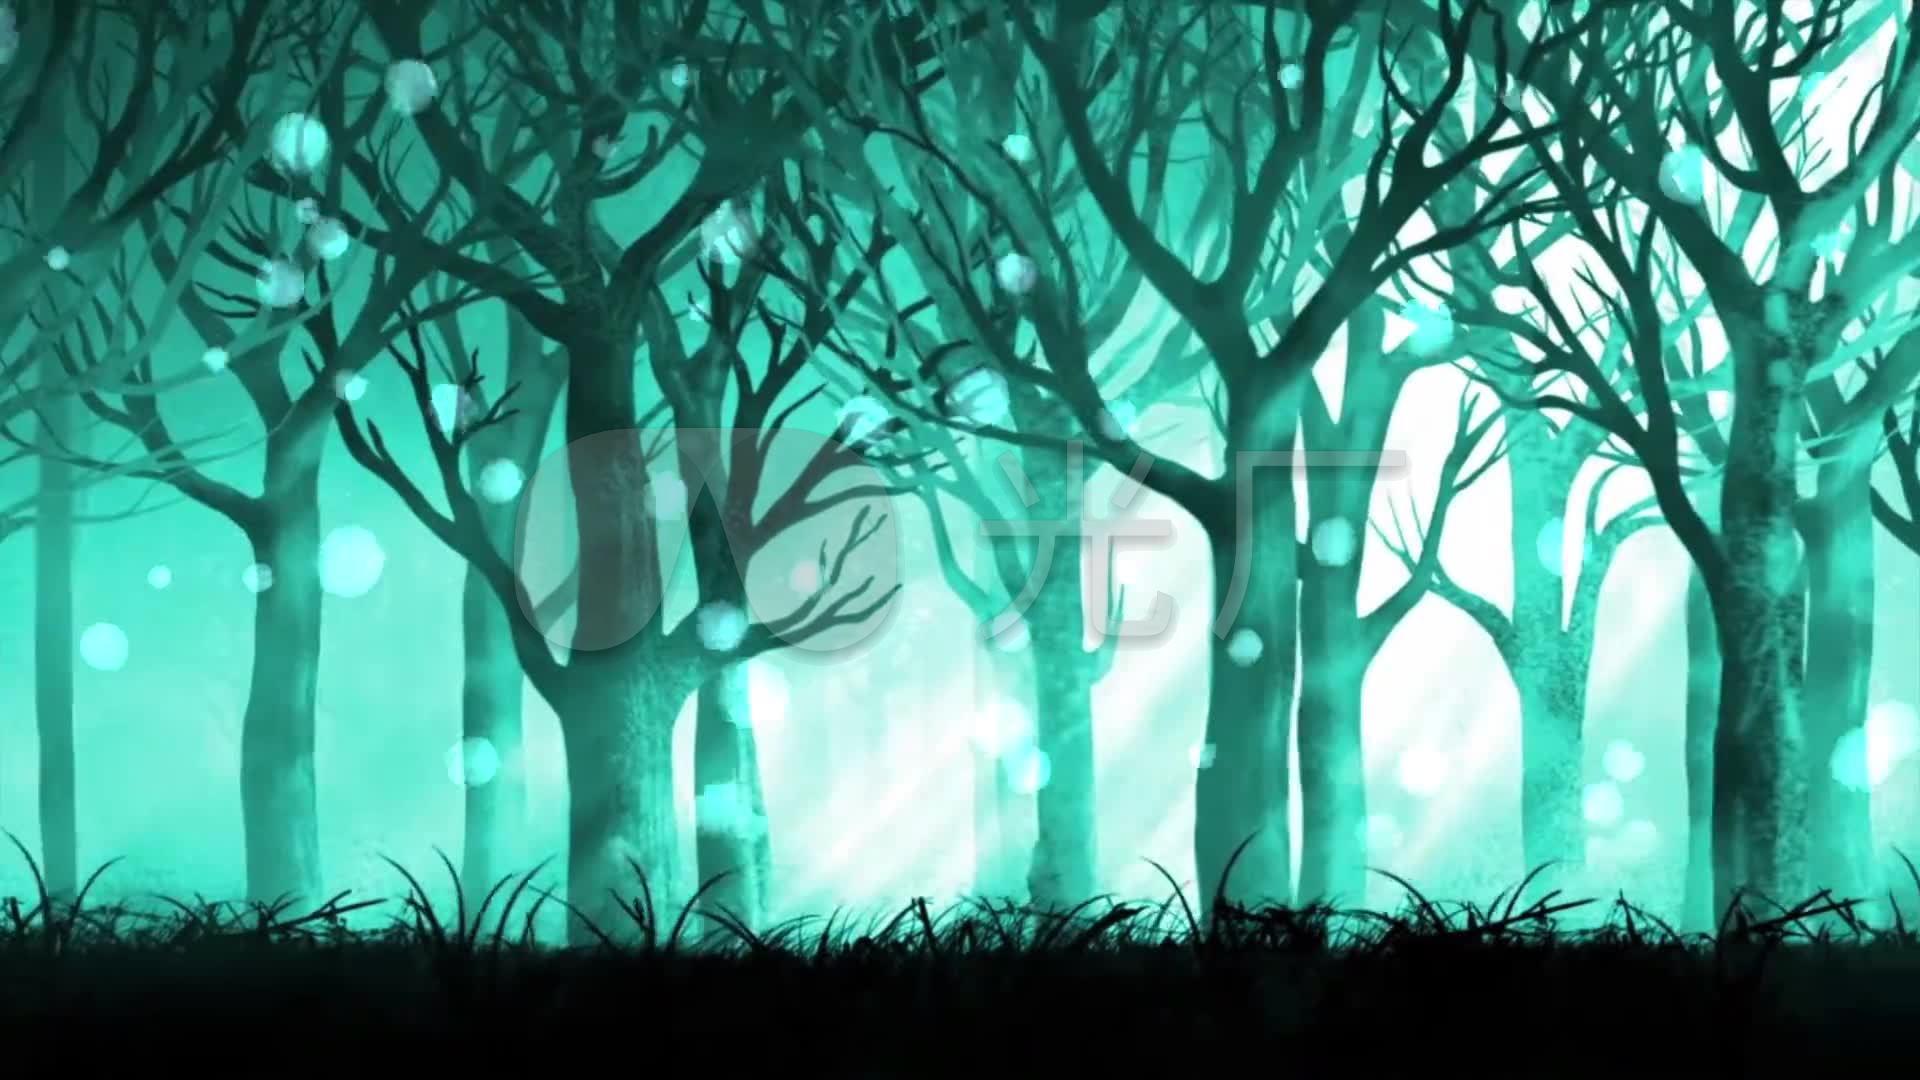 梦幻森林唯美童话素材_1920x1080_高清视频素材下载图片